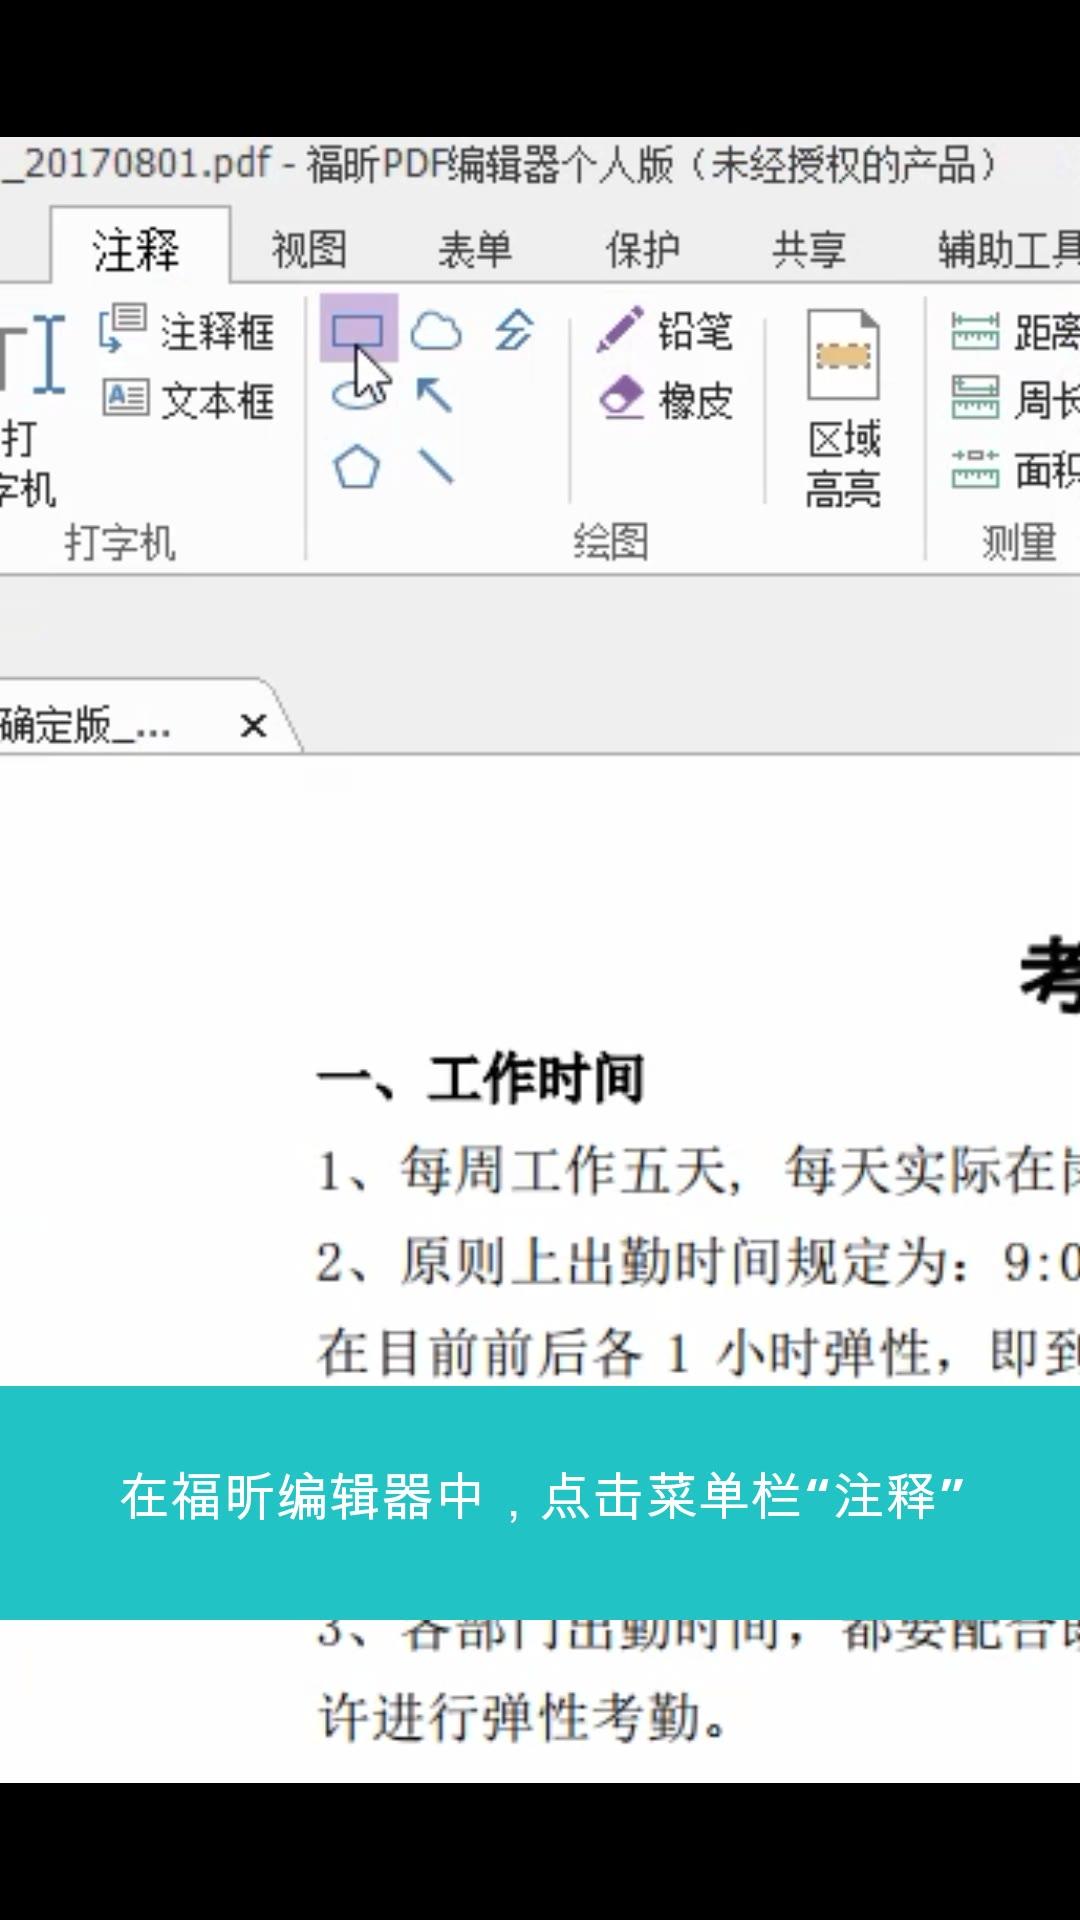 福 昕 pdf 编辑 器 破解